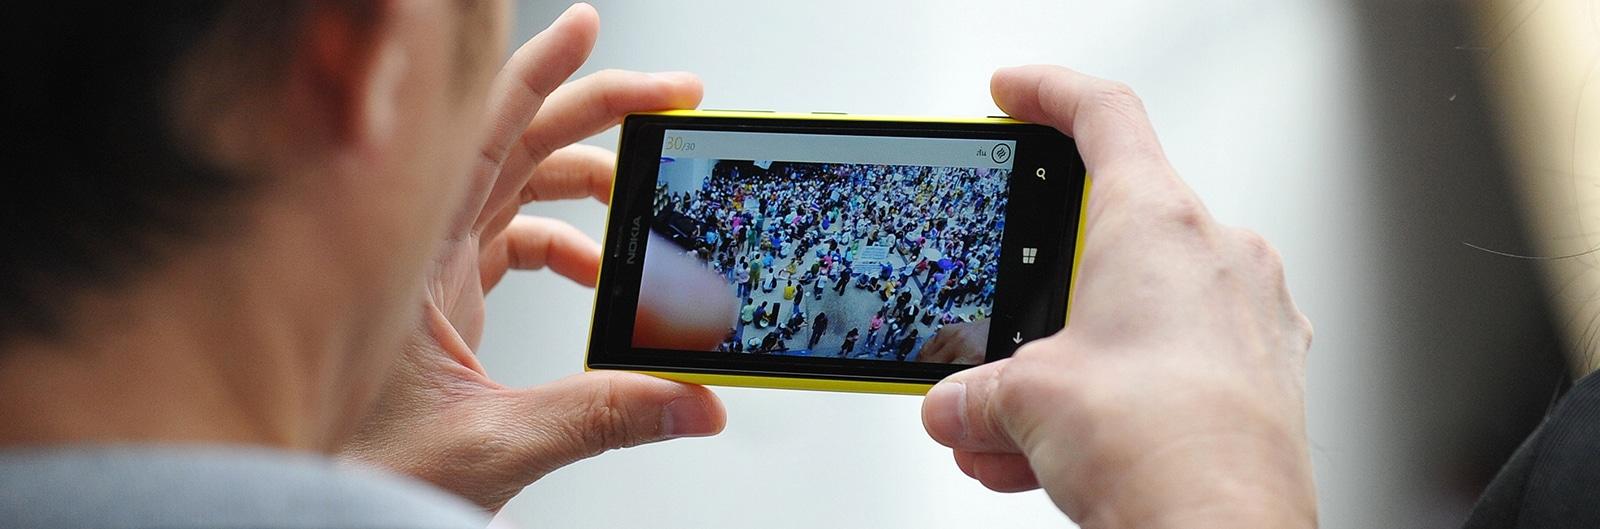 El tráfico de video móvil aumentará diez veces en la población mundial para 2020.